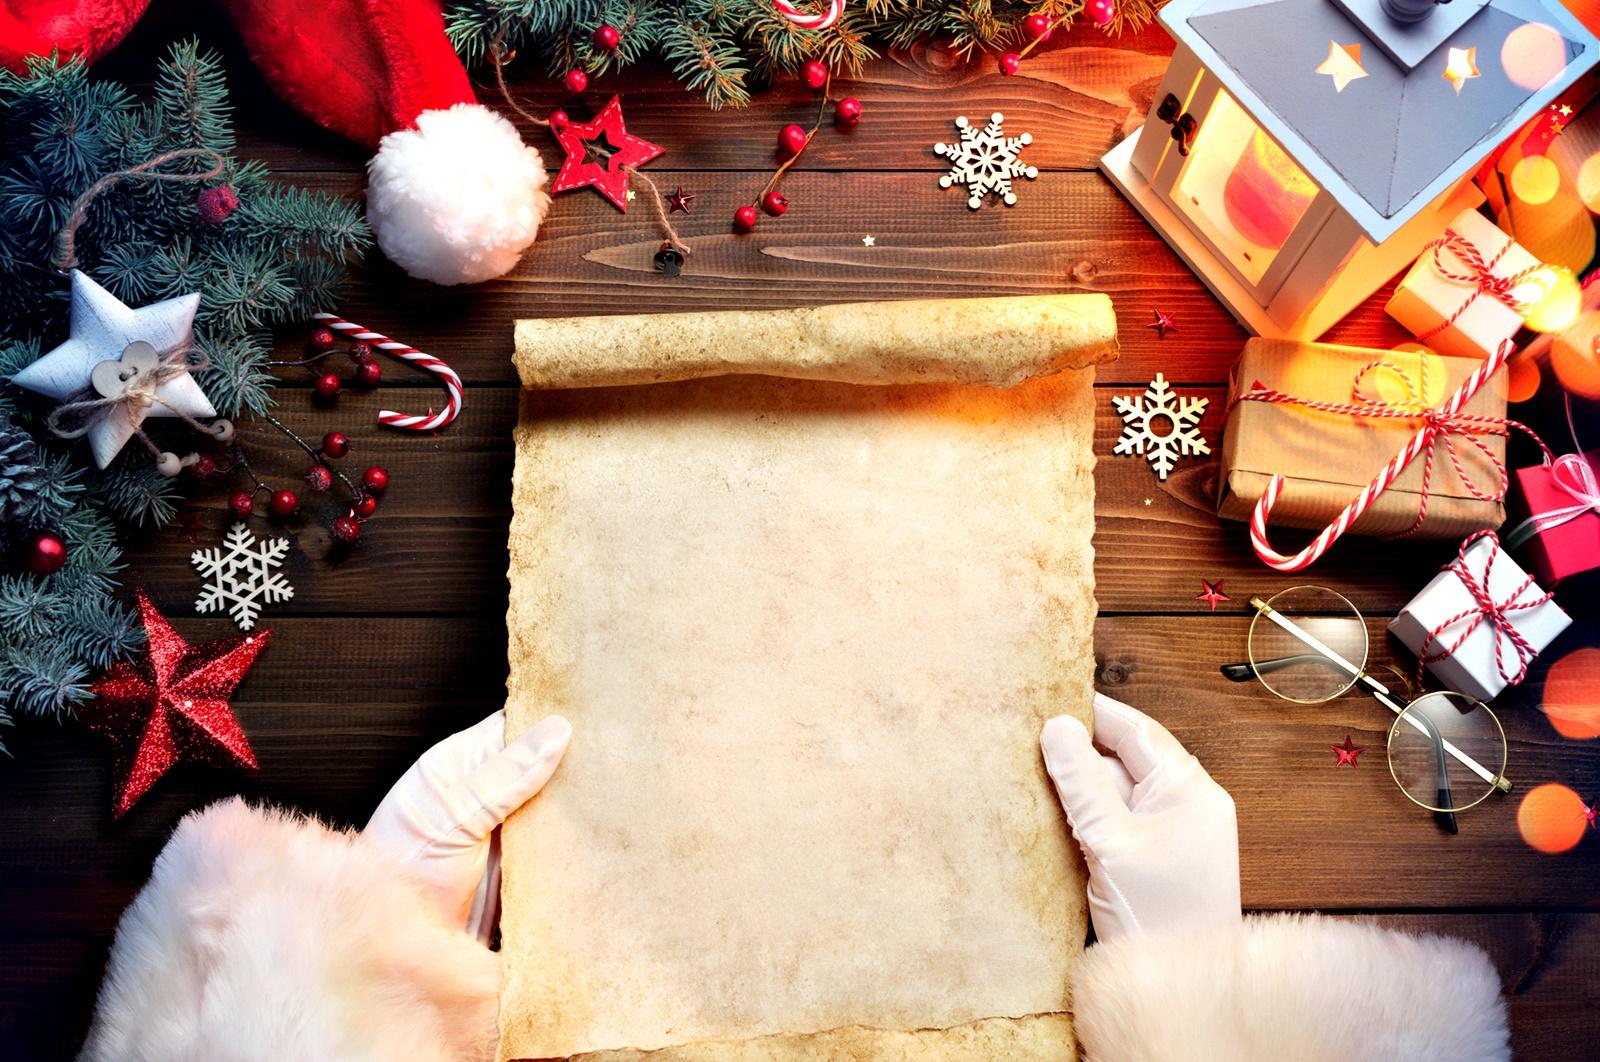 Коледа чука на вратата, а вие не можете да си позволите да пръскате пари за скъпи подаръци? Вижте 5 идеи за подаръци, които може да приготвите сами, и да покажете на близките си, че държите на тях, без да се чудите, дали ще можете да си платите парното за декември. Всичко, което трябва да дарите, е време – една неделя стига (и съвсем случайно 23. декември е неделя).